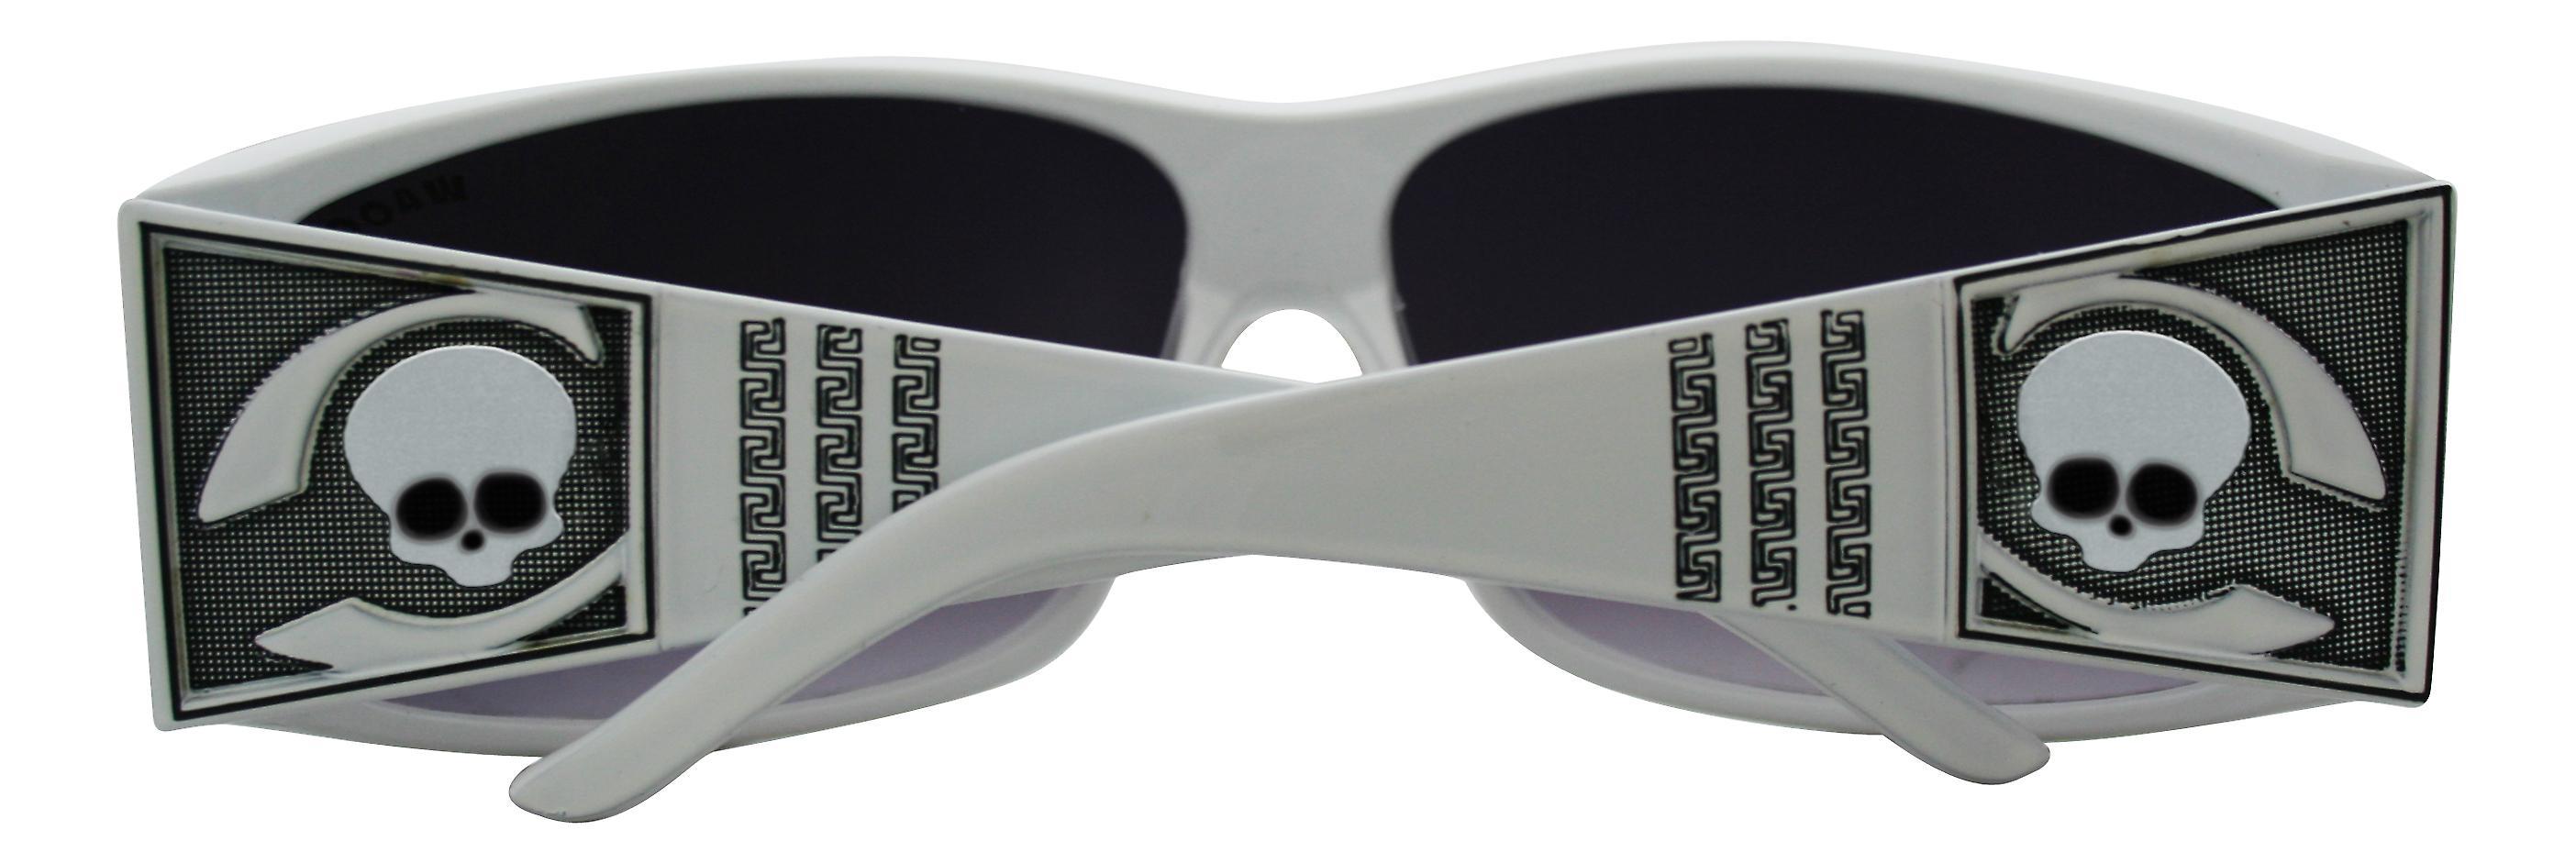 Occhiali di Waooh - occhiali da sole TS834 - ragione Alien - categoria 3 - protezione UV400